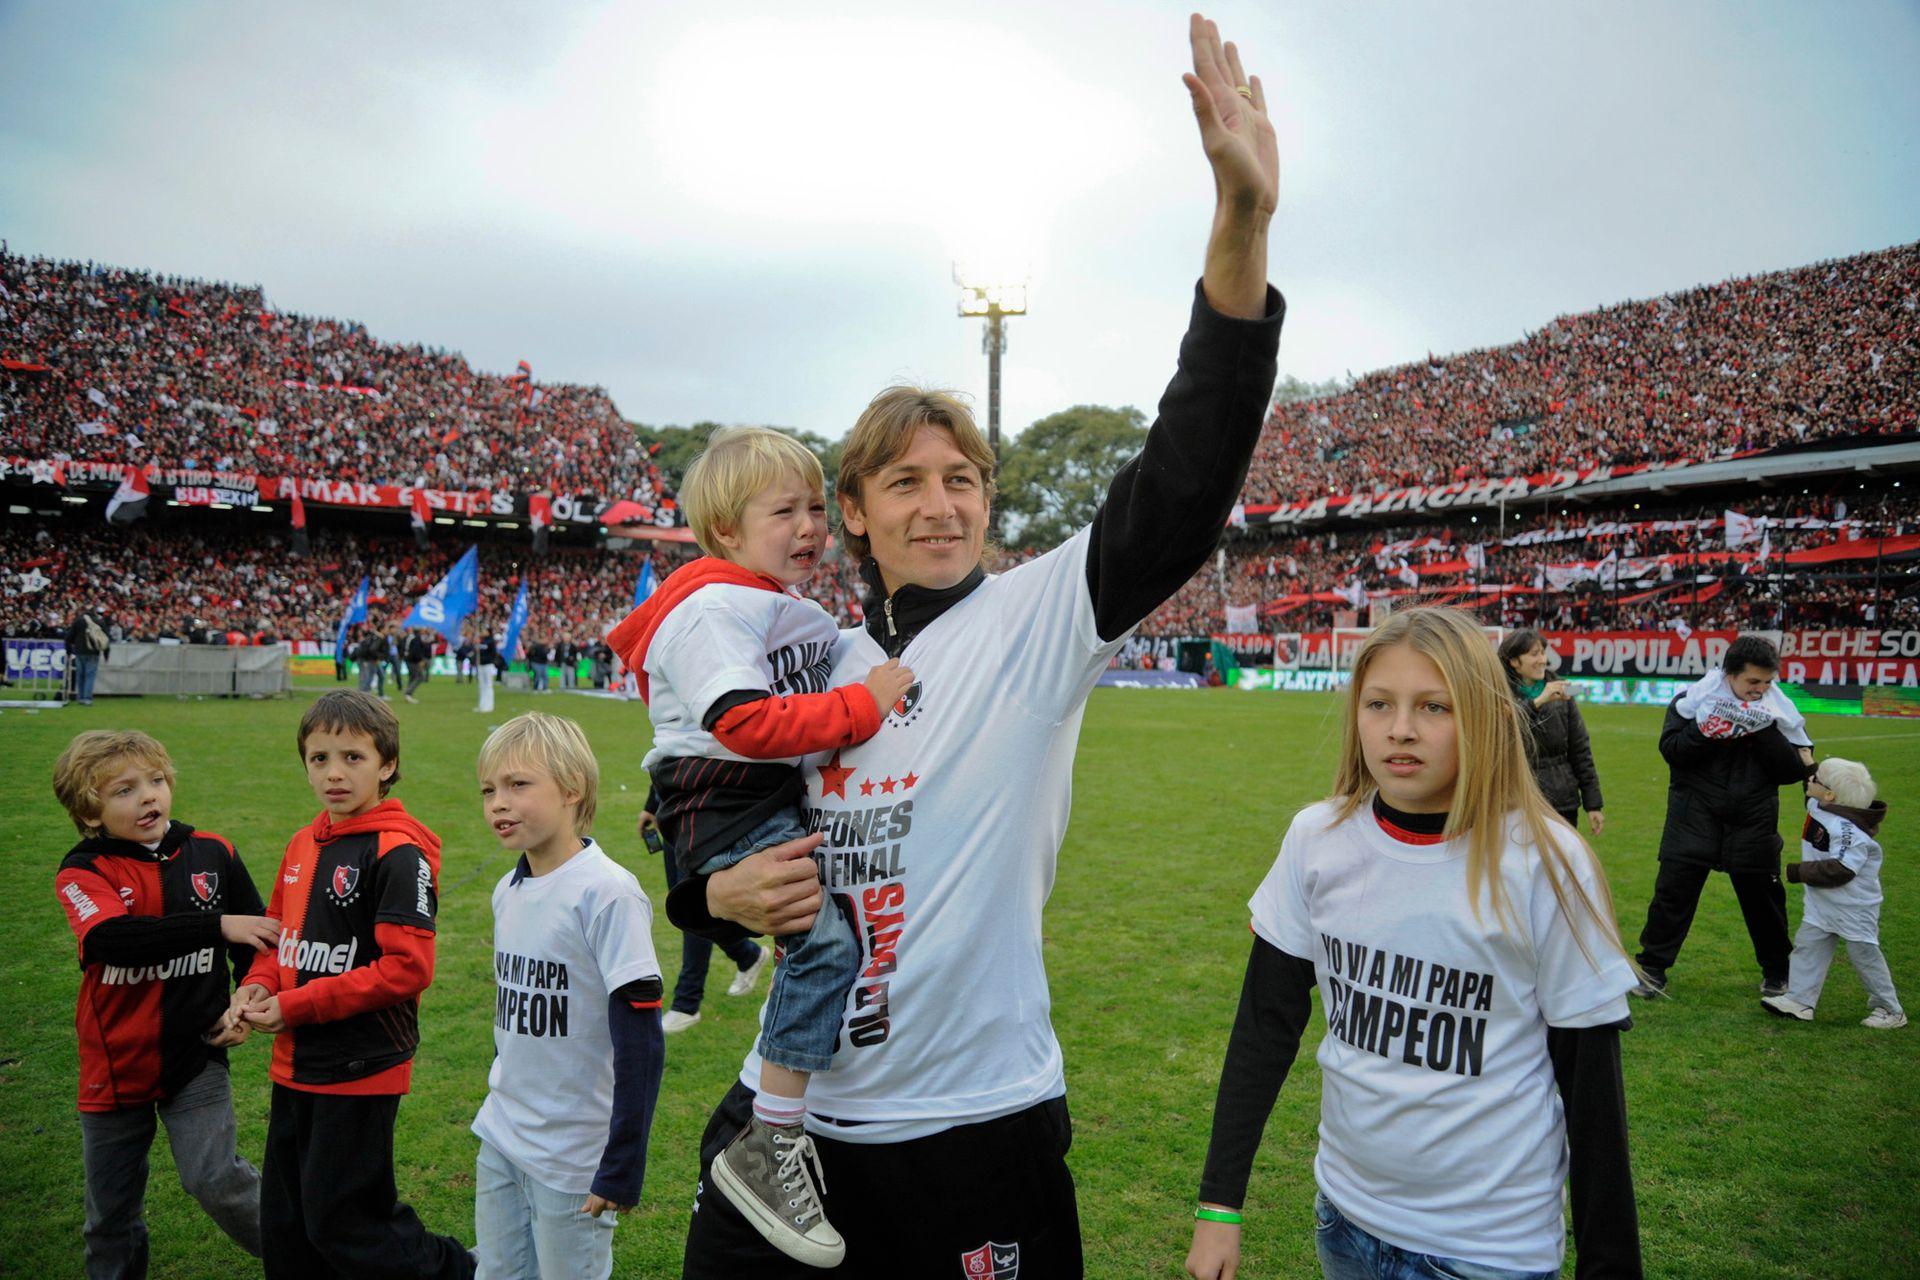 Campeón con Newell´s en su regreso al país, en 2013, acompañado en los festejos por sus hijos, Agustín, Thomas y Paula, muy pequeños entonces; en mayo de 2014 se retiró de las canchas